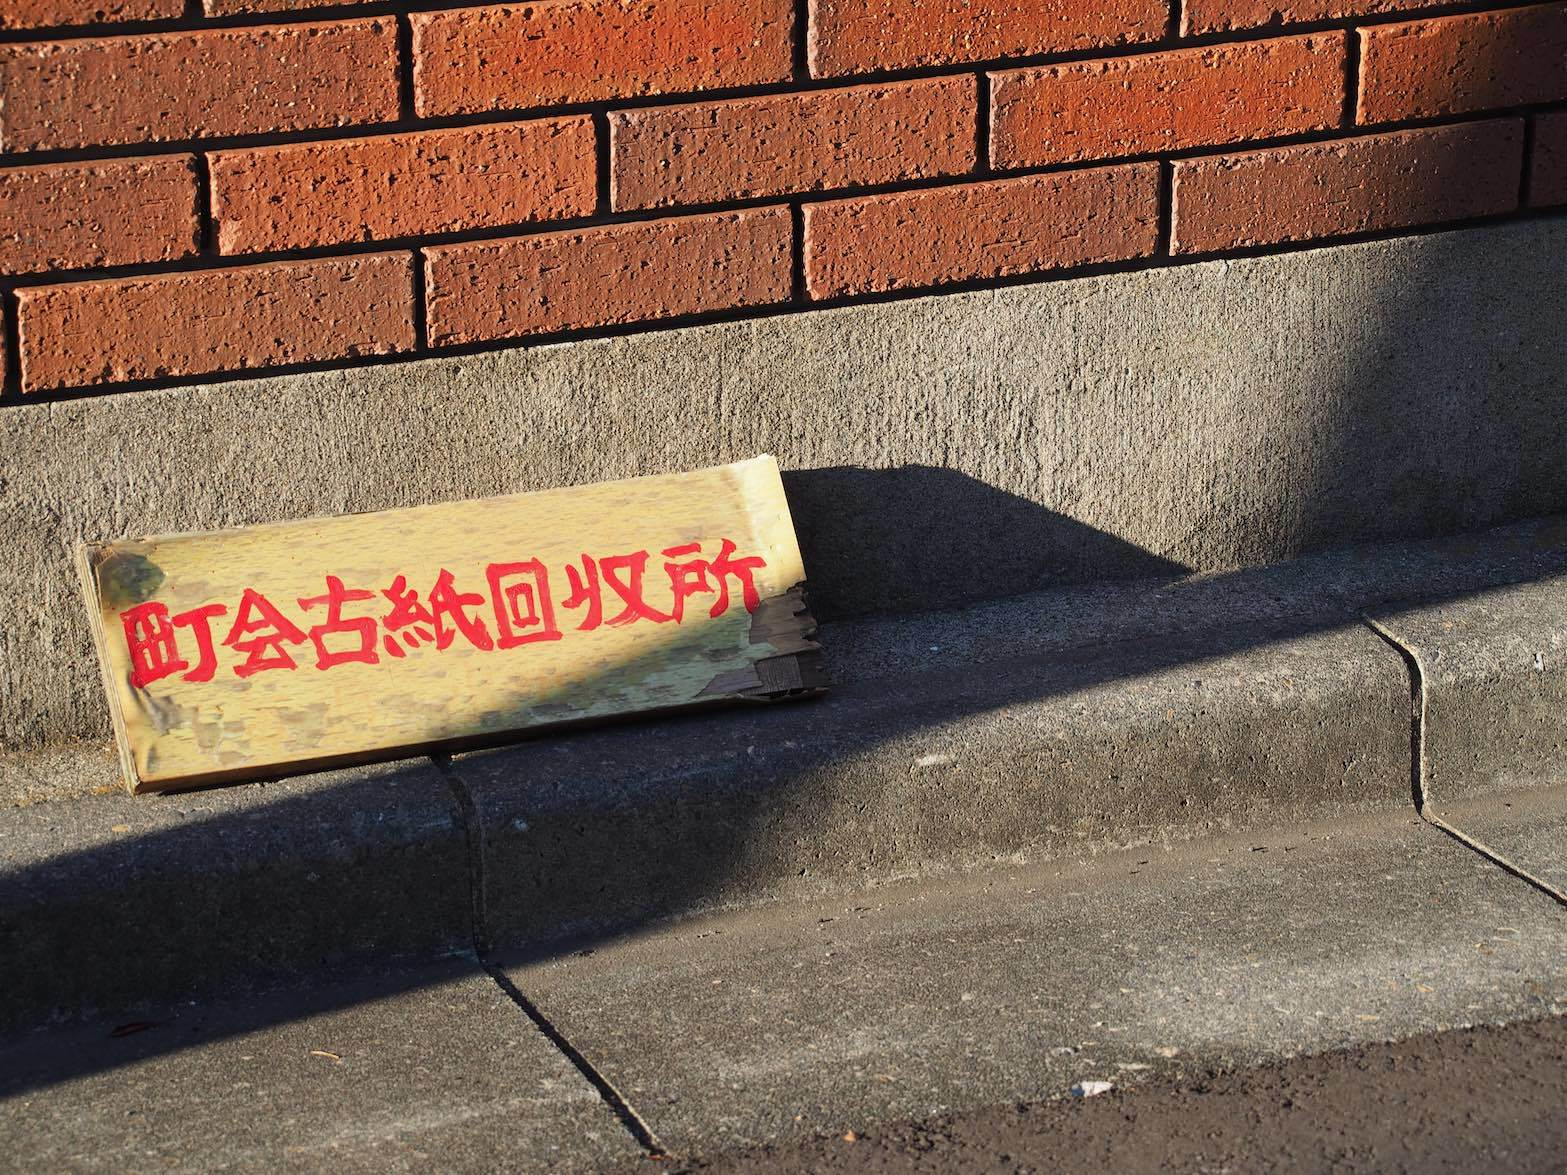 東急多摩川駅周辺7_b0360240_18523726.jpg